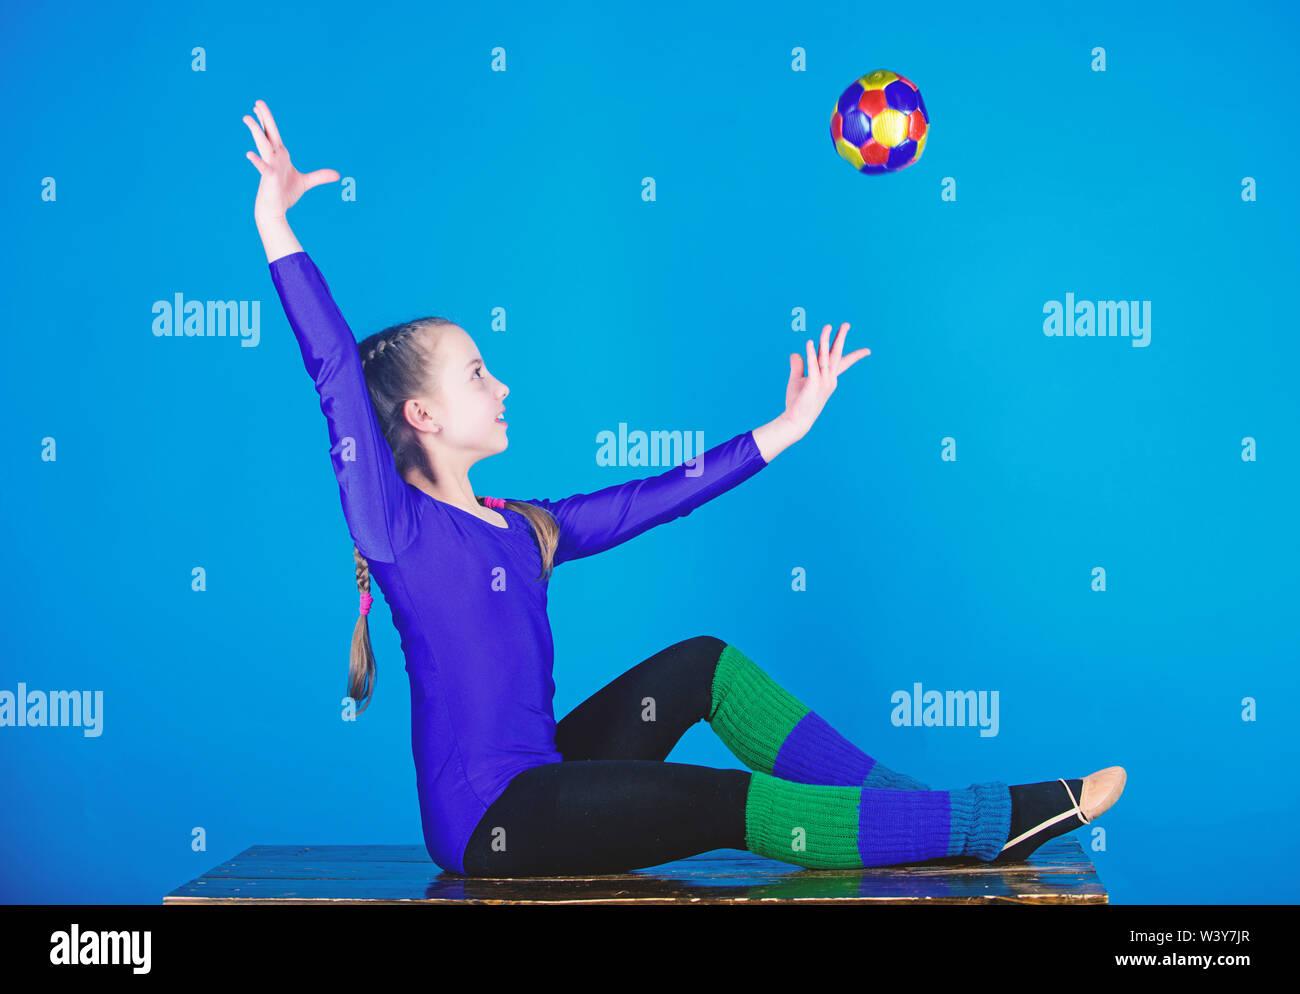 Flexible cuerpo sano. Practicar gimnasia difícil antes de la ejecución. Gimnasia Rítmica deporte combina elementos ballet danza. Niña pequeña gimnasta deportes leotard. La educación física y la gimnasia. Imagen De Stock